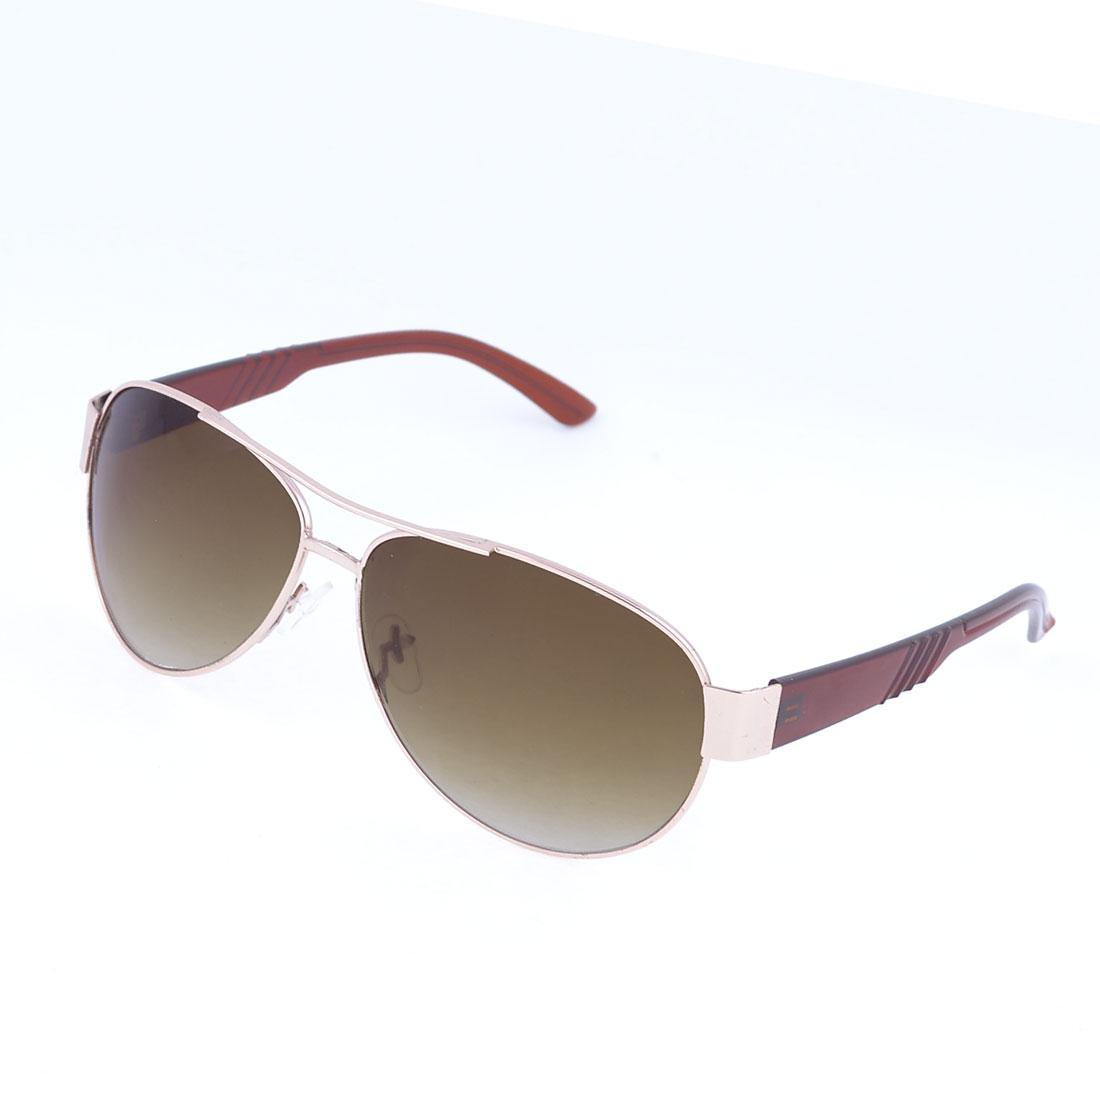 Men Travelling Slim Metal Rim Brown Lens Protective Glasses Sunglasses